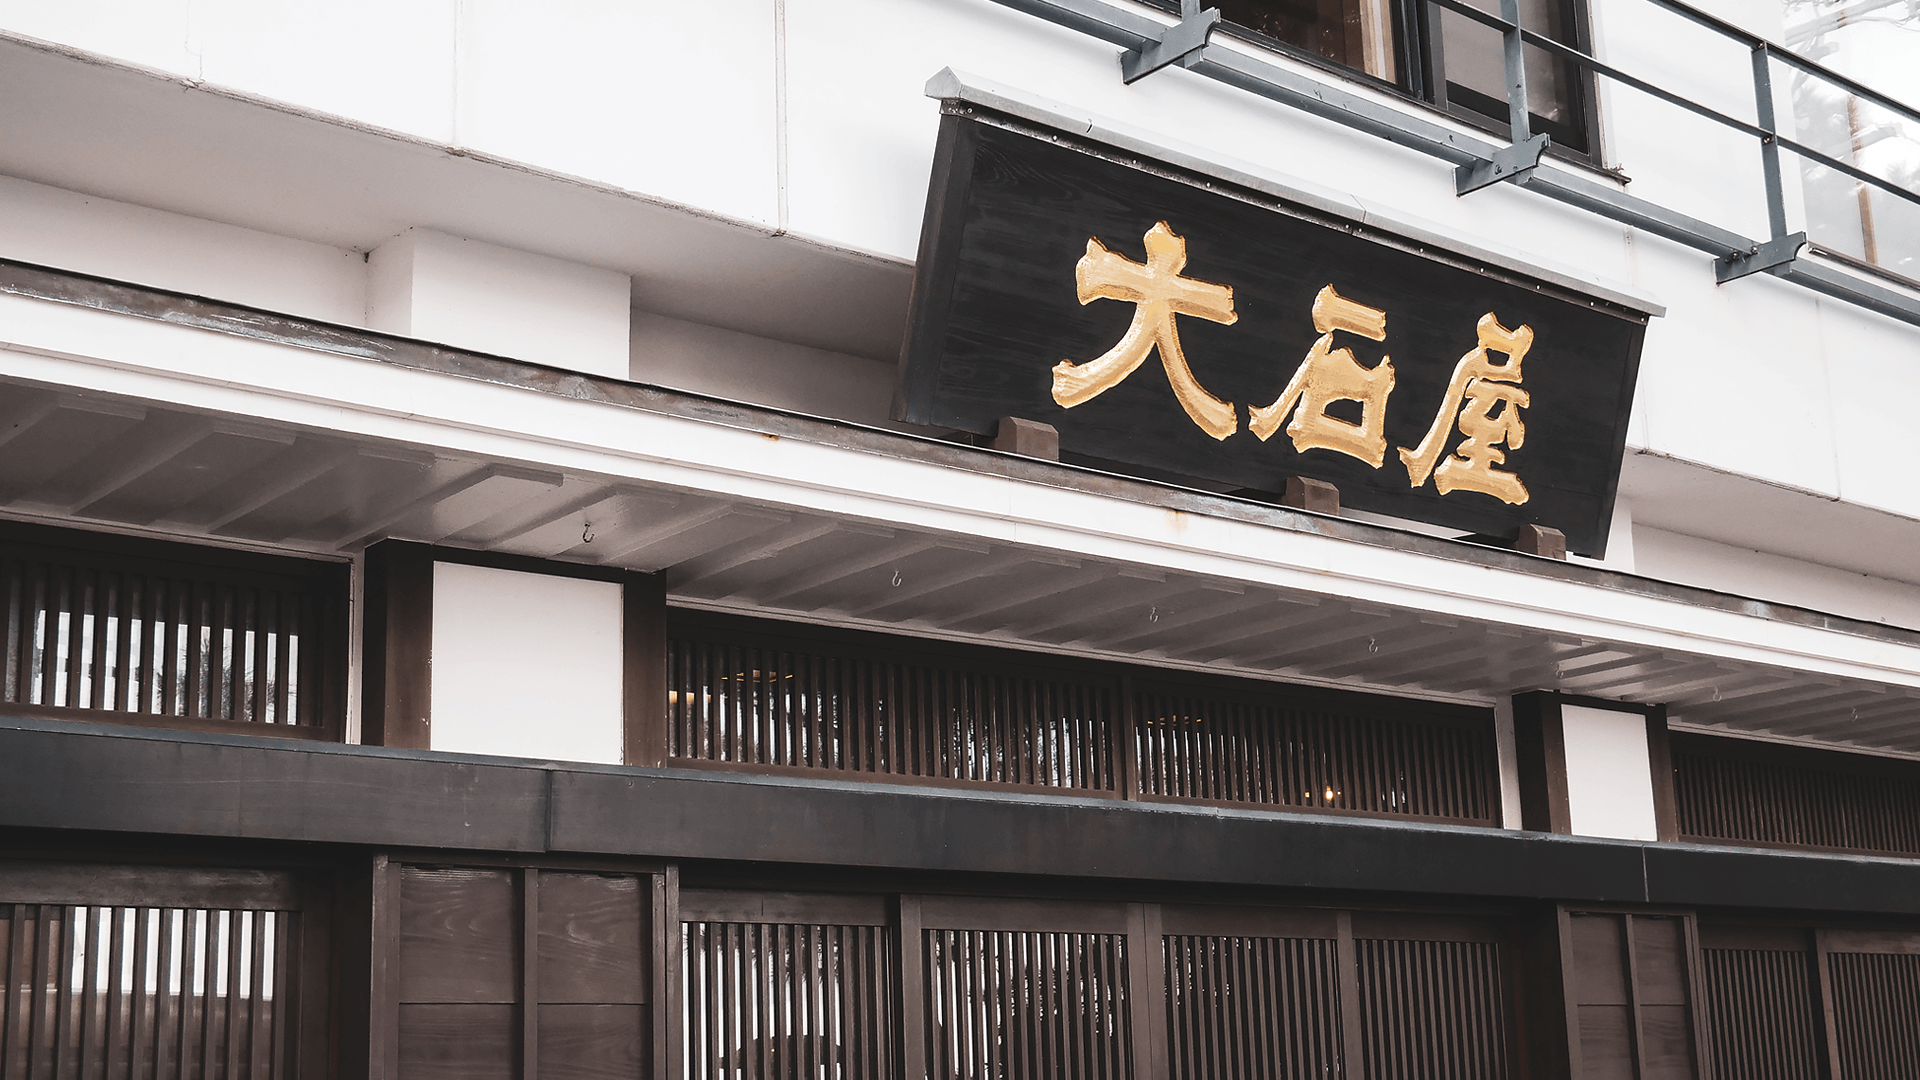 25年ぶりのリピーター!伊勢志摩の旅館大石屋へ泊まる。